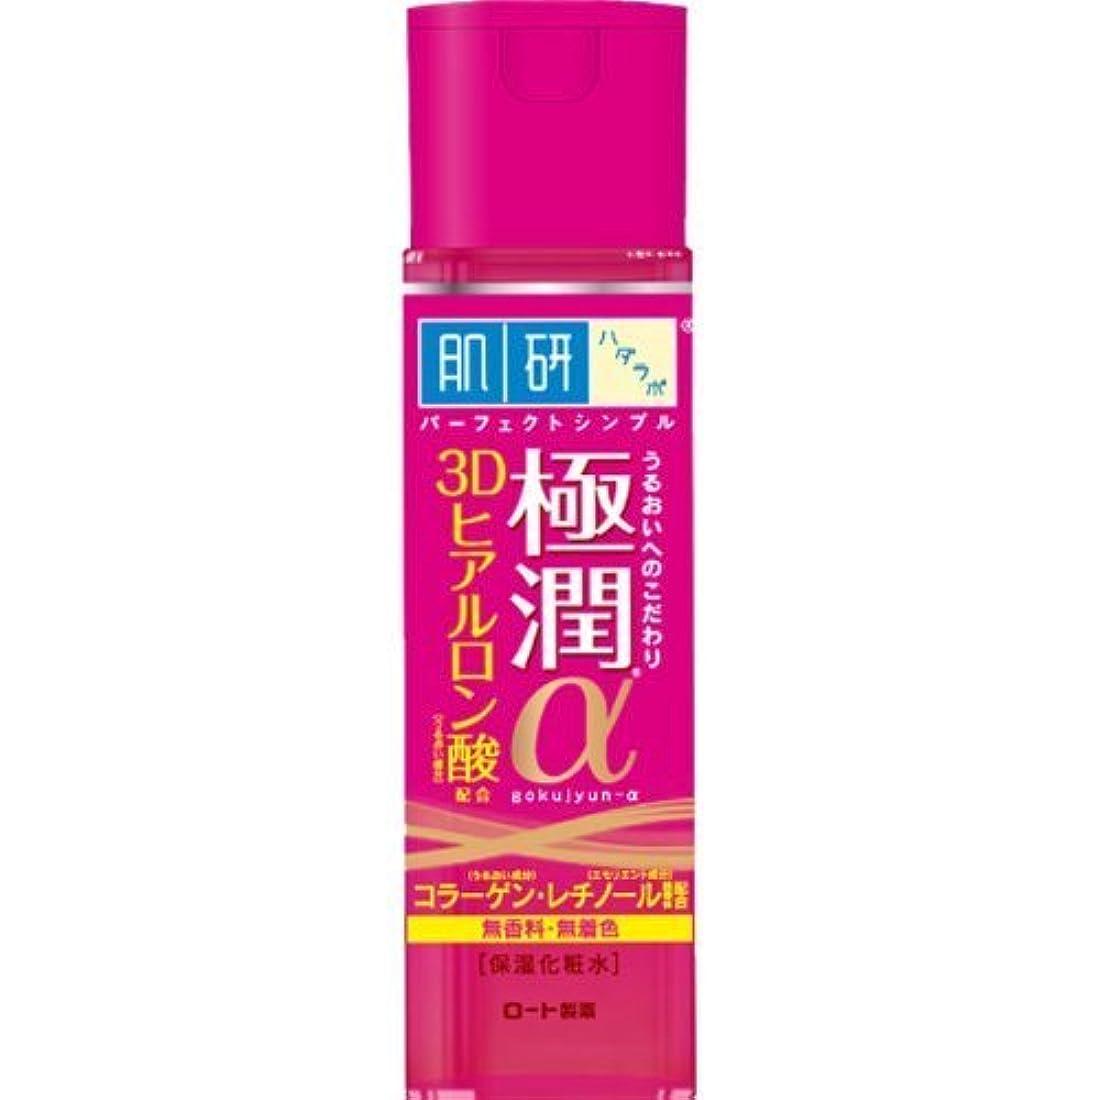 ワイプ簡略化する量肌研(ハダラボ) 極潤α化粧水 170mL